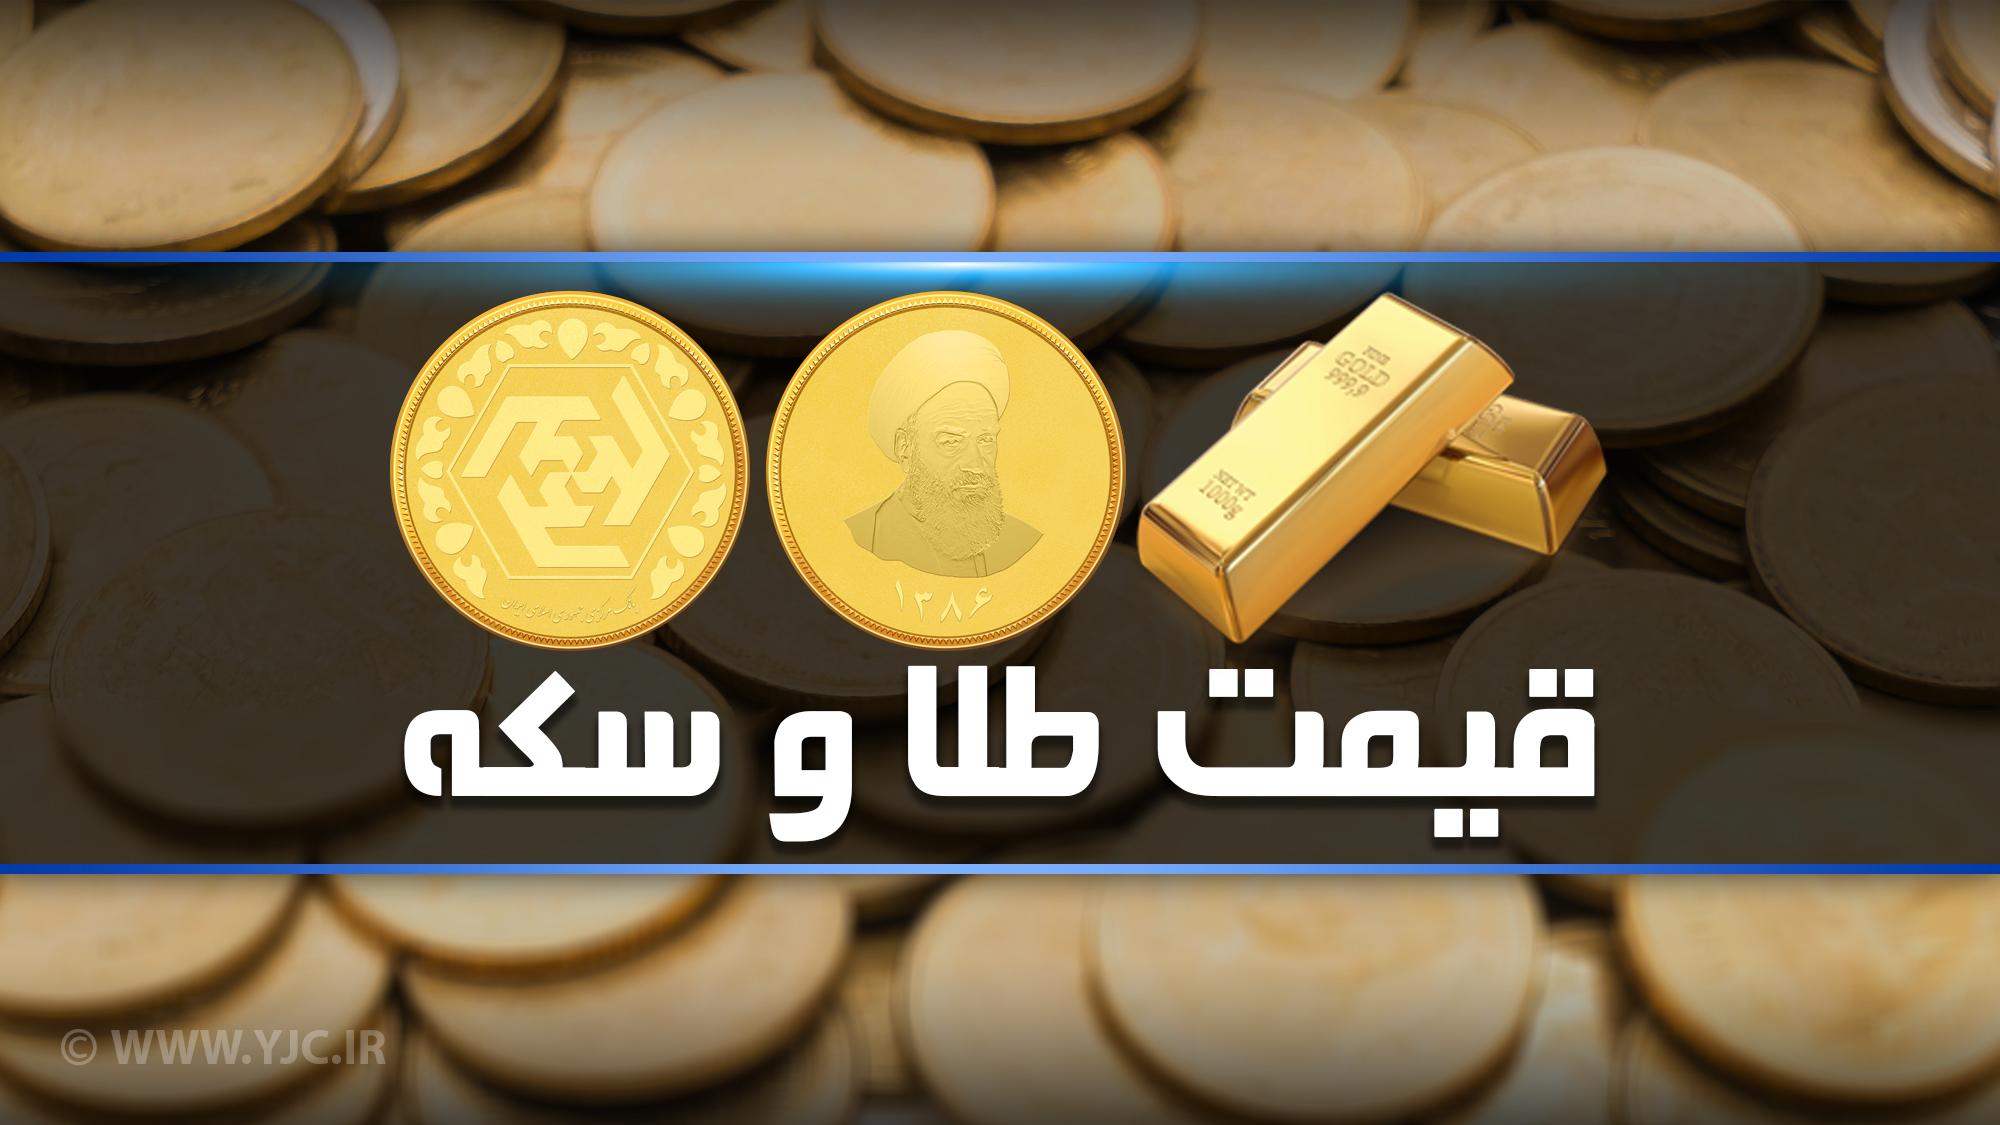 نرخ سکه و طلا در پنج شنبه ۲۳ آبان / قیمت سکه ۴ میلیون تومان شد + جدول